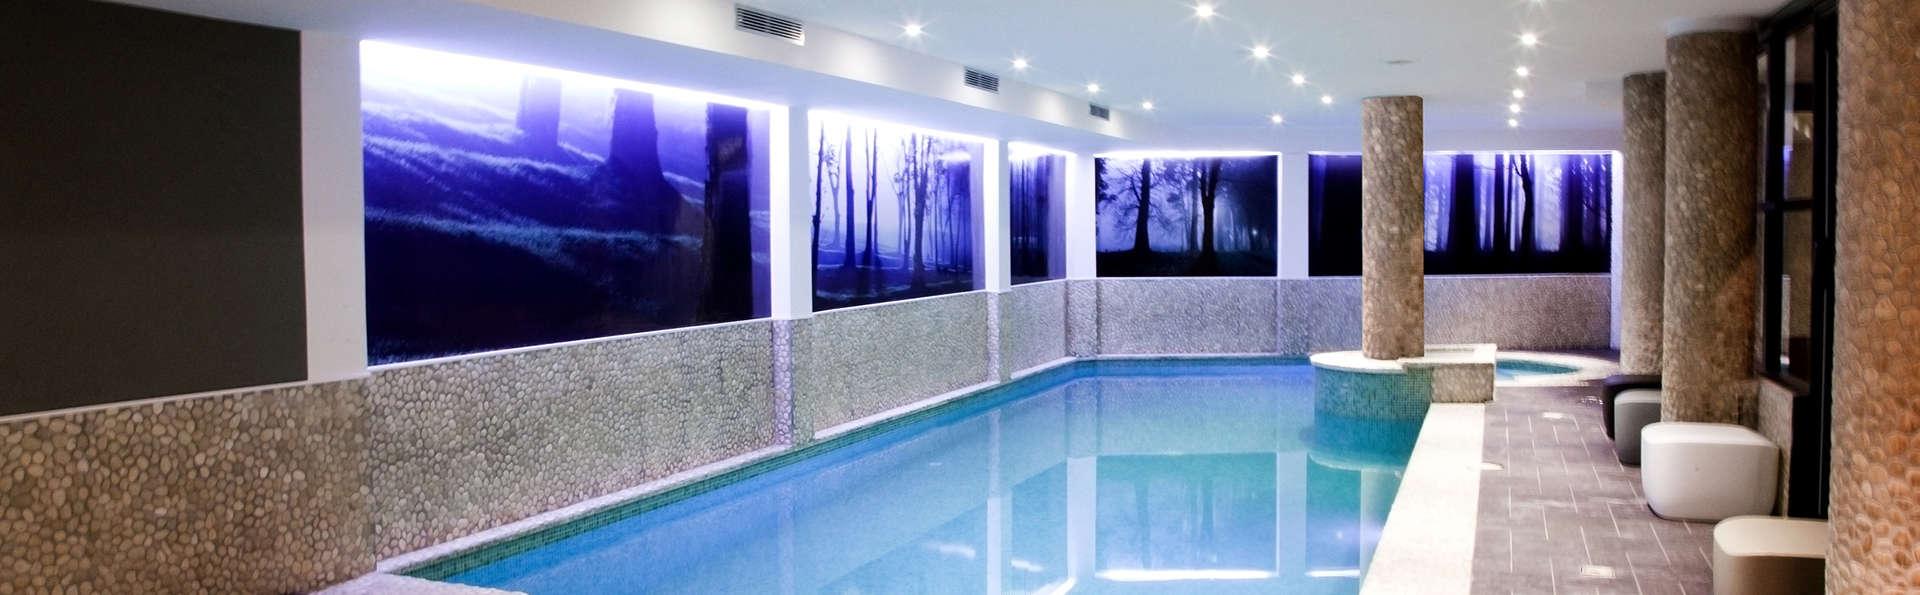 Offre Spéciale : Détente et spa au cœur d'Aix-les-Bains (à partir de 2 nuits)